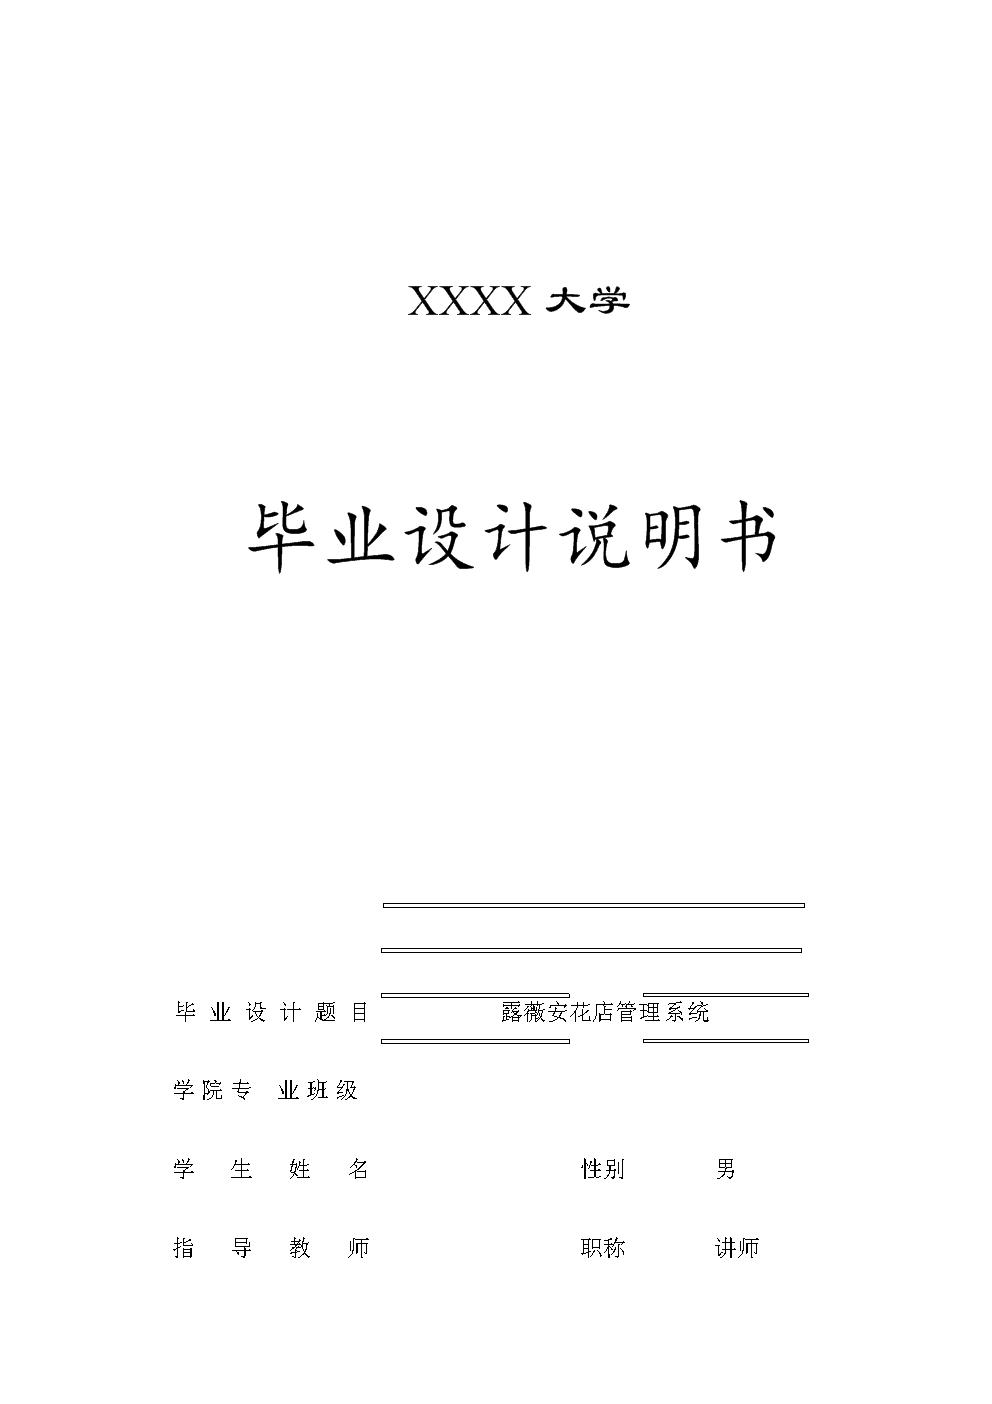 花店管理系统毕业设计.docx